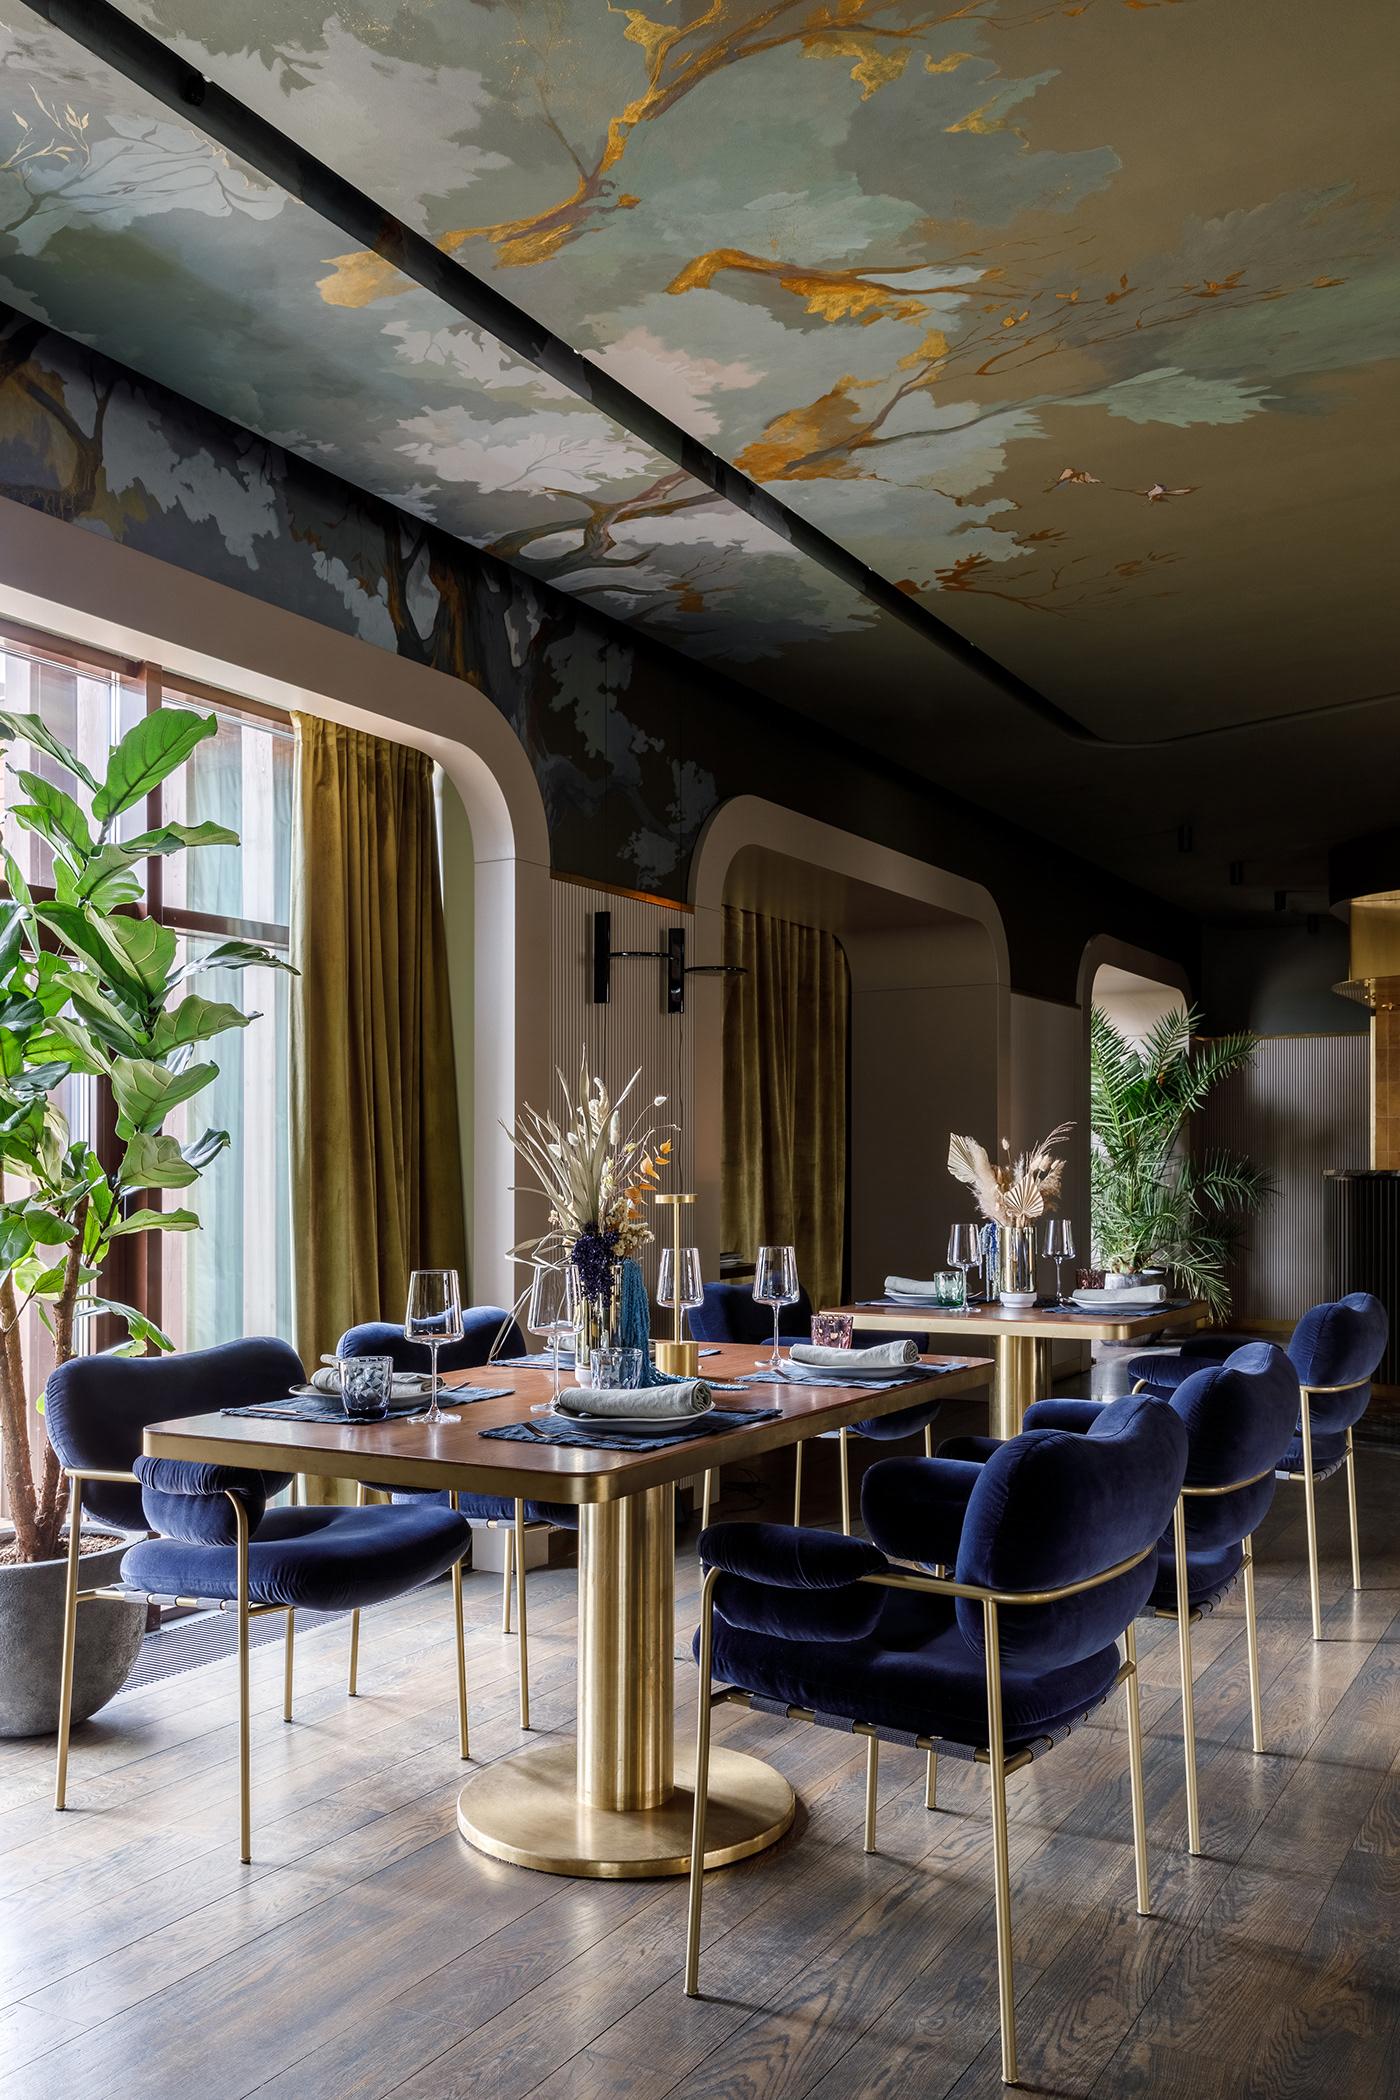 restaurant hotel ресторан отель дизайн ресторана